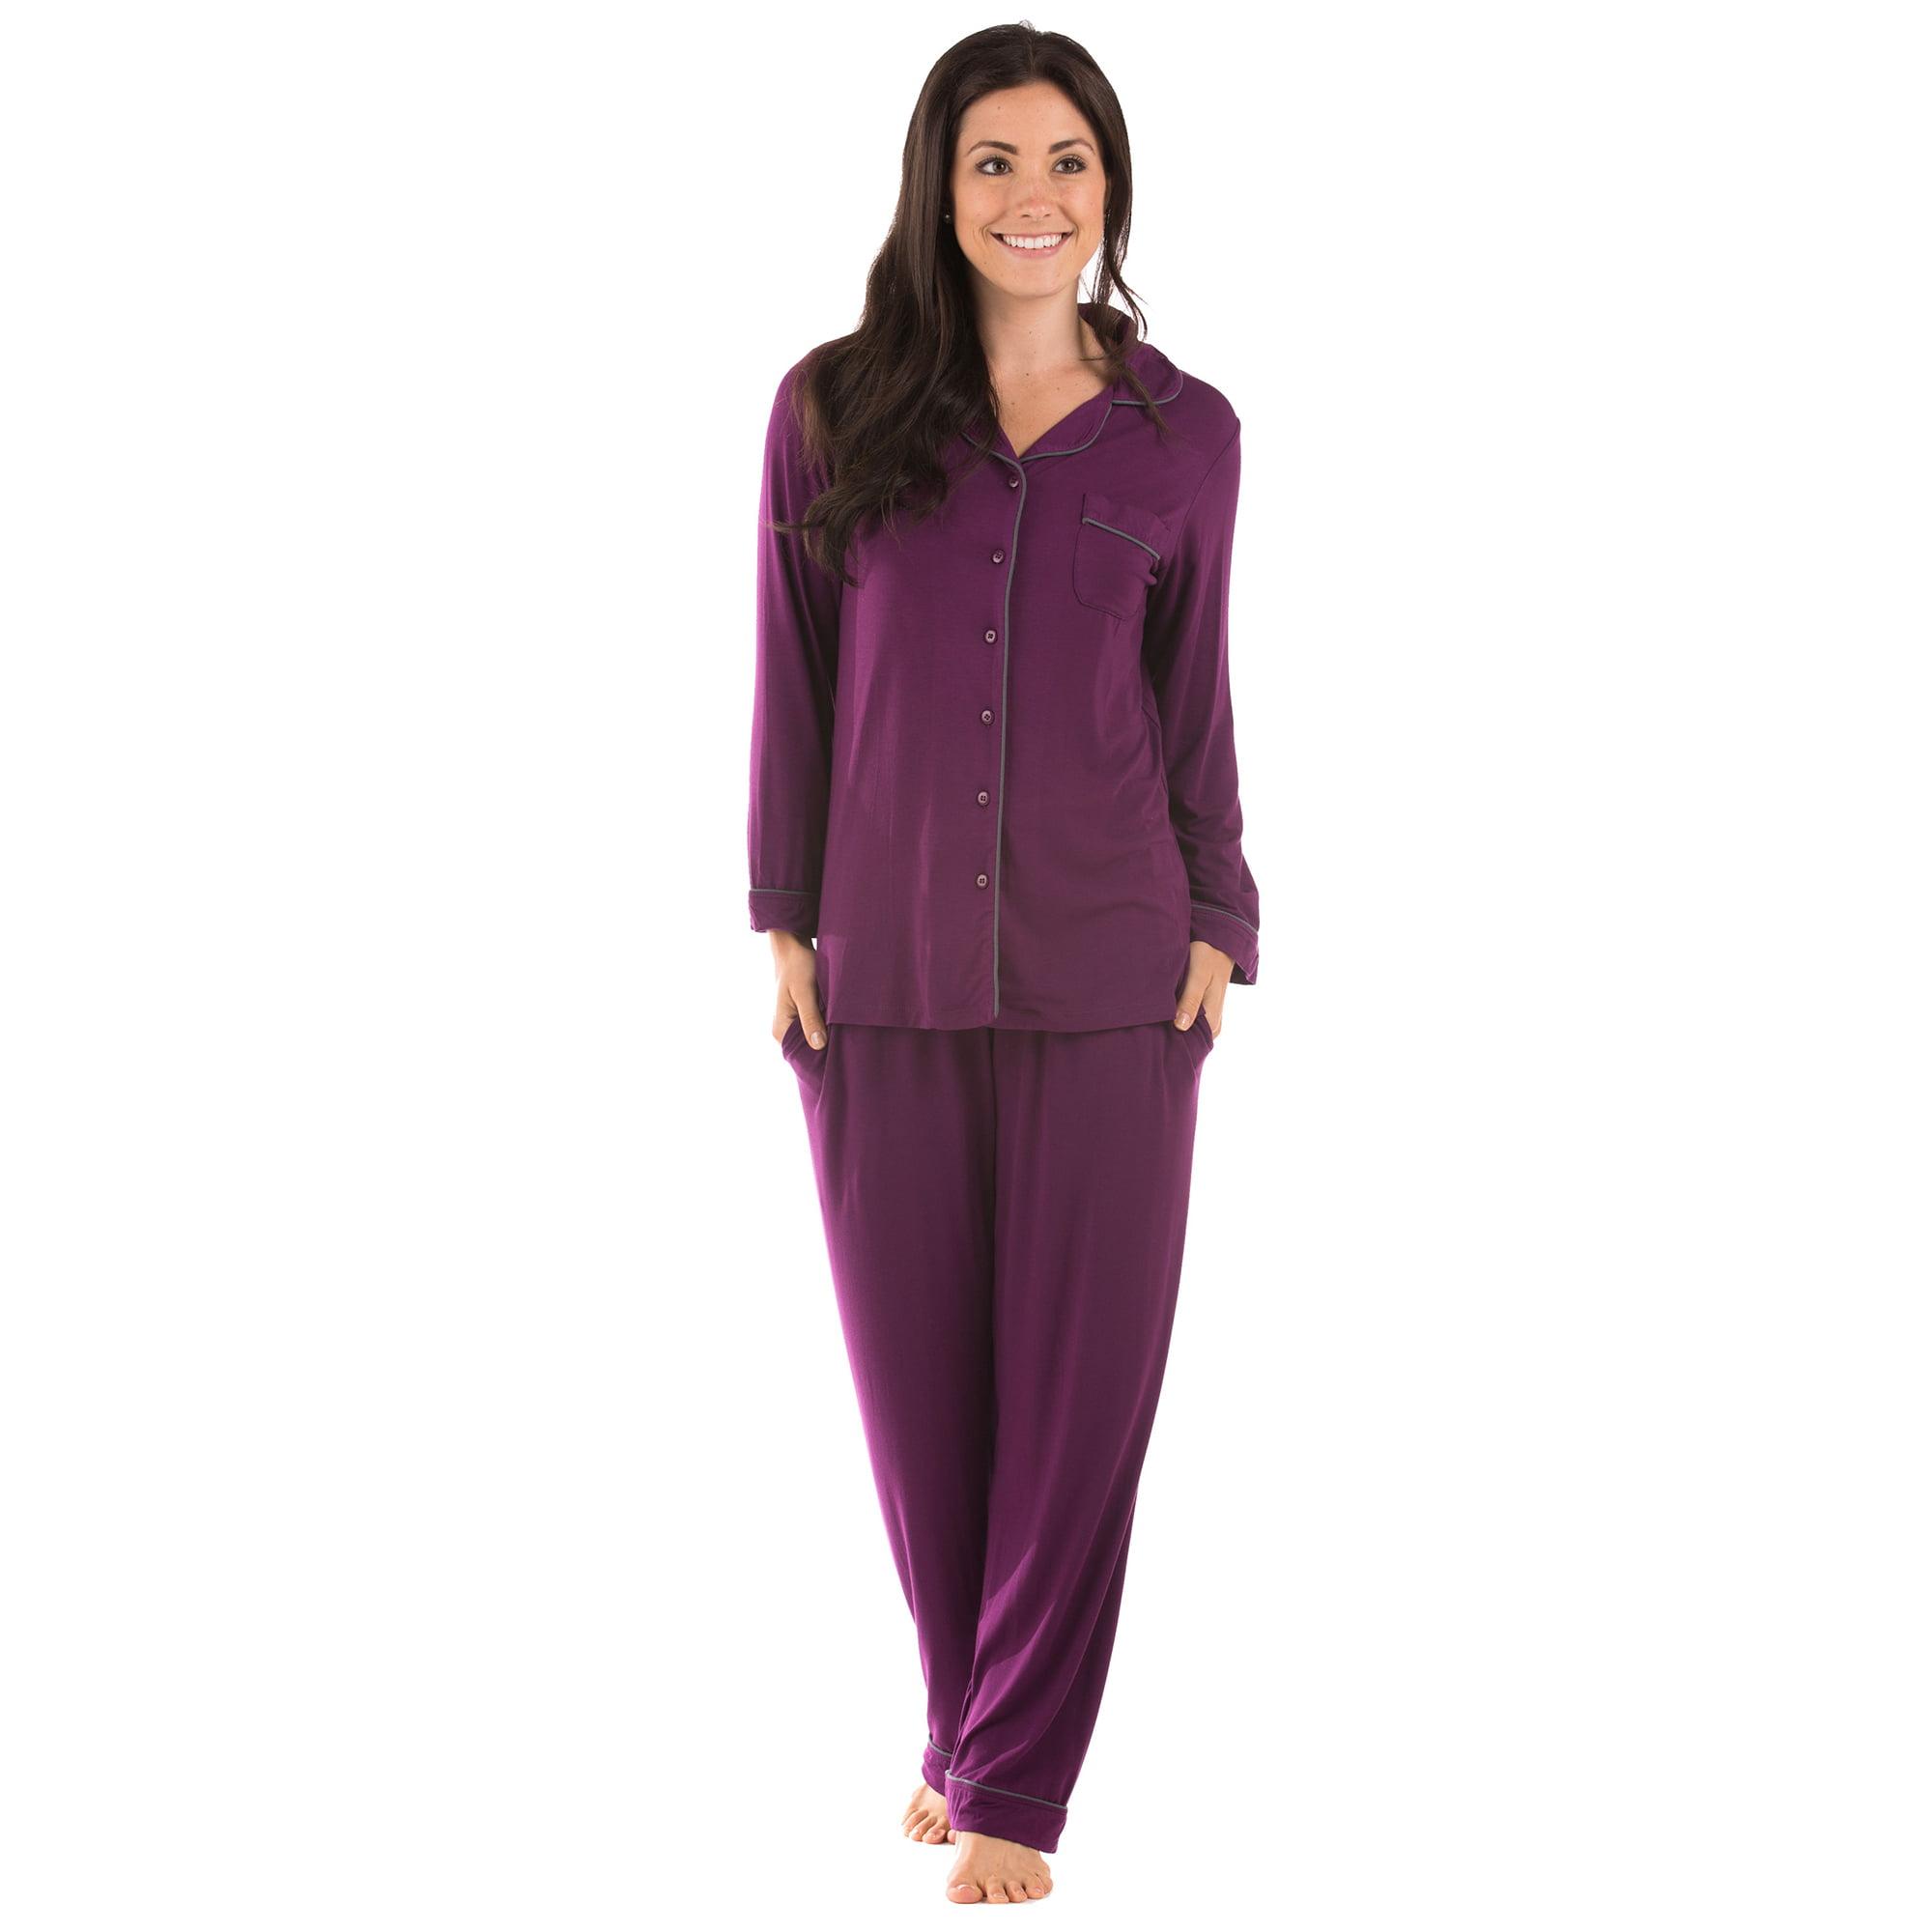 Texere Women s Button-Up Sleepwear Set - Luxury Long Sleeve Lounge PJs  WB0004 - Walmart.com ebd2ba204